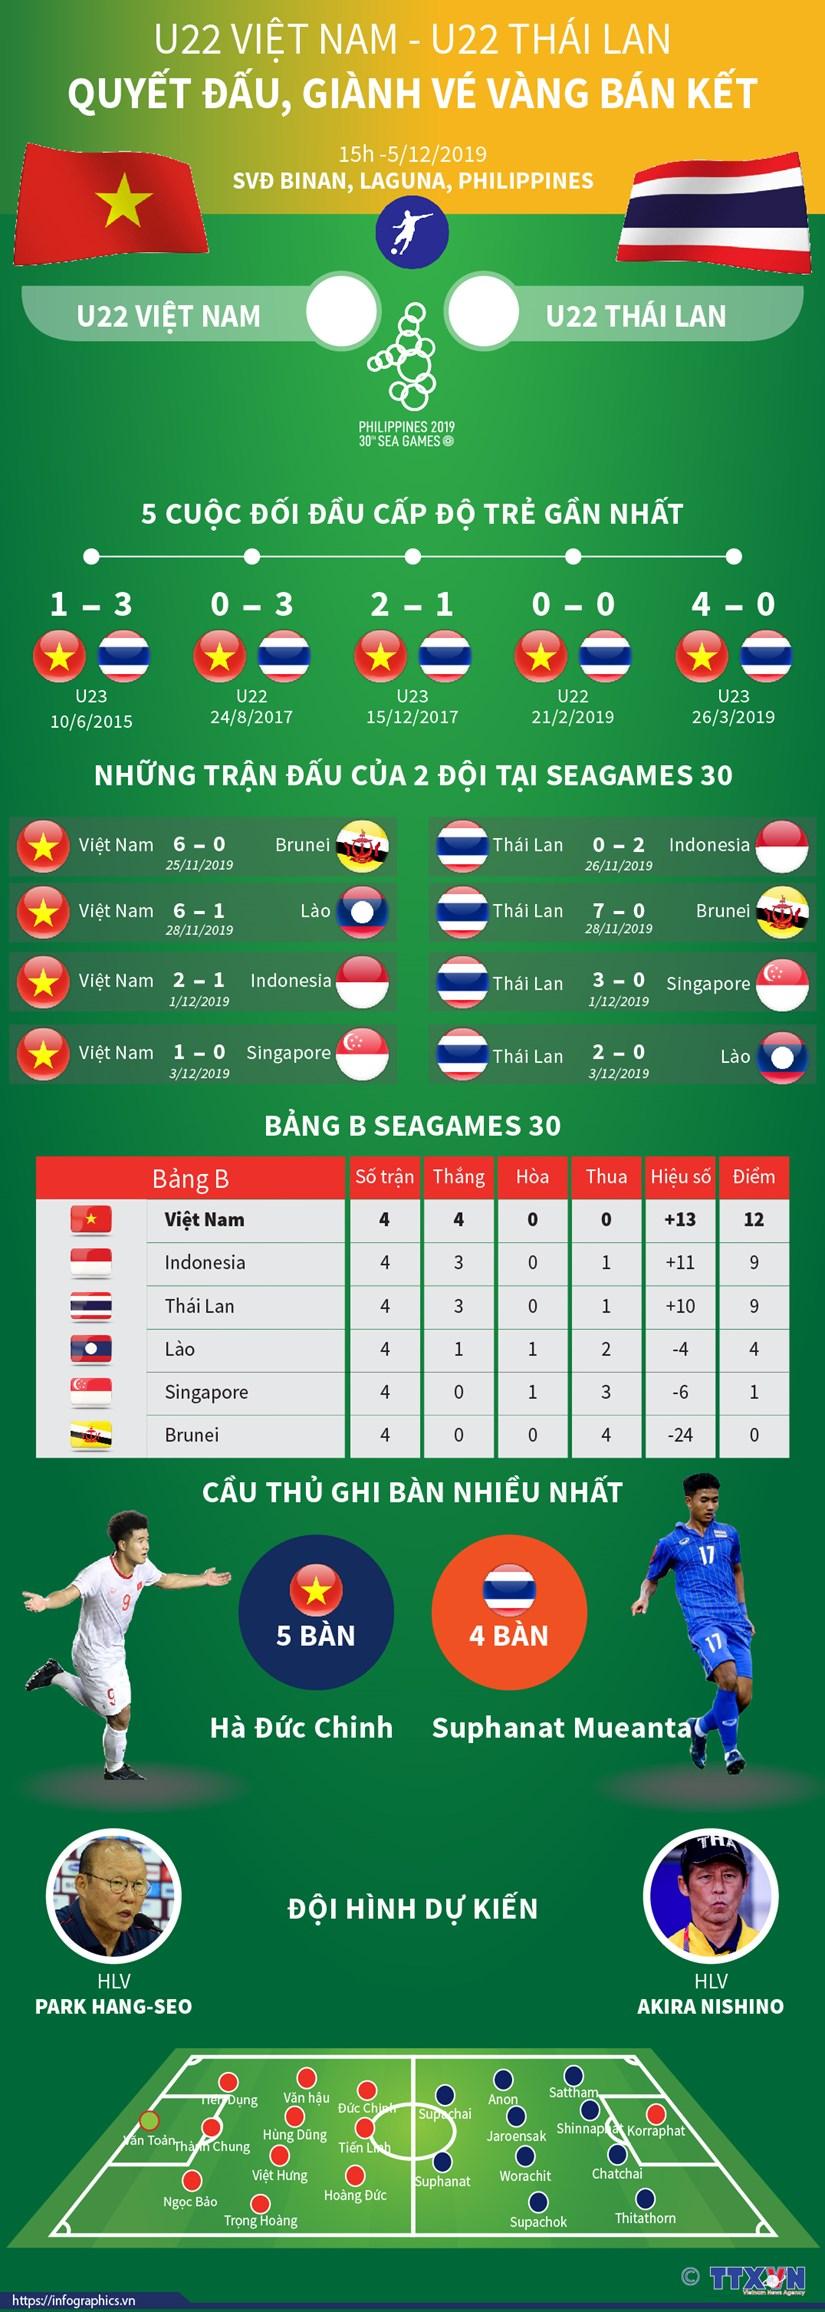 [Infographics] U22 Viet Nam-U22 Thai Lan: Quyet dau gianh ve ban ket hinh anh 1